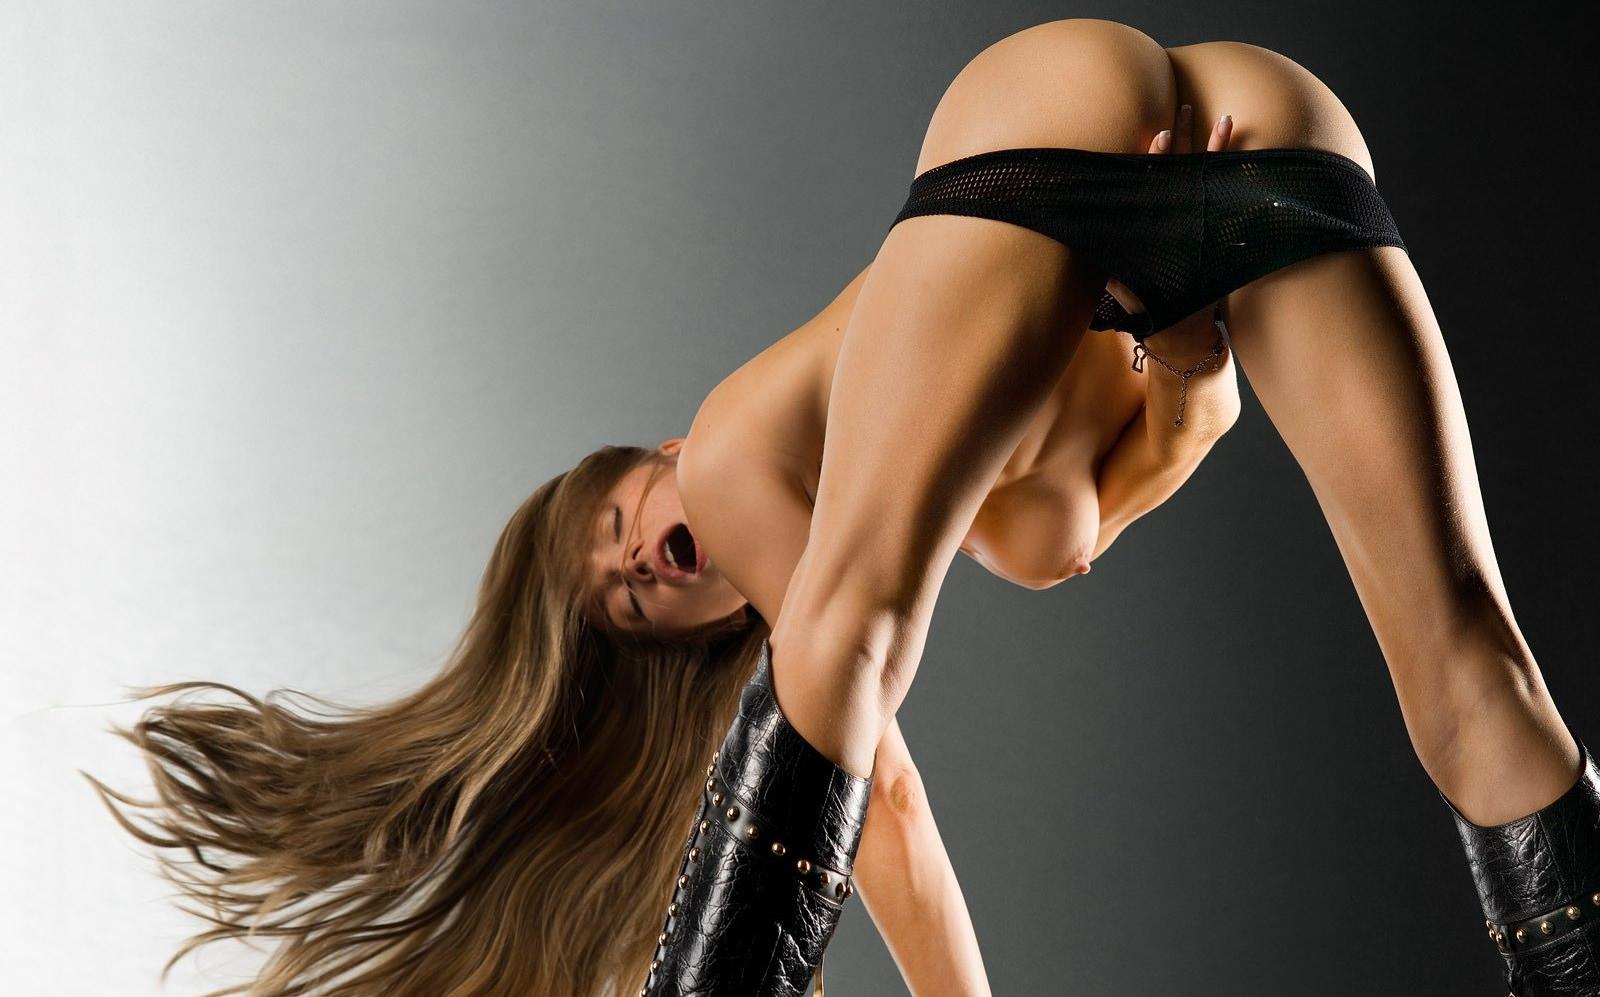 Фото Длинноногая девушка мастурбирует и кричит от удовольствия, стоя на ногах и наклонившись вперед, стянула черные трусики и ласкает себя между ног, упругая голая попка, атлетичные спортивные ножки, черные сапоги, длинные волосы, сочная сиська и упругий розовый сосок. Excited girl masturbates having bent forward, cool ass, black shorts, black boots, long hair, scream, powerful legs, скачать картинку бесплатно